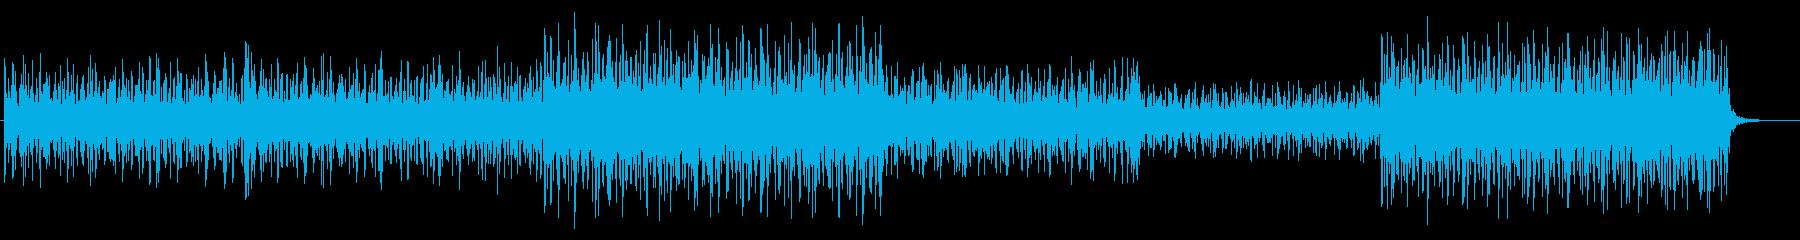 泡の音 水の音 効果音の再生済みの波形